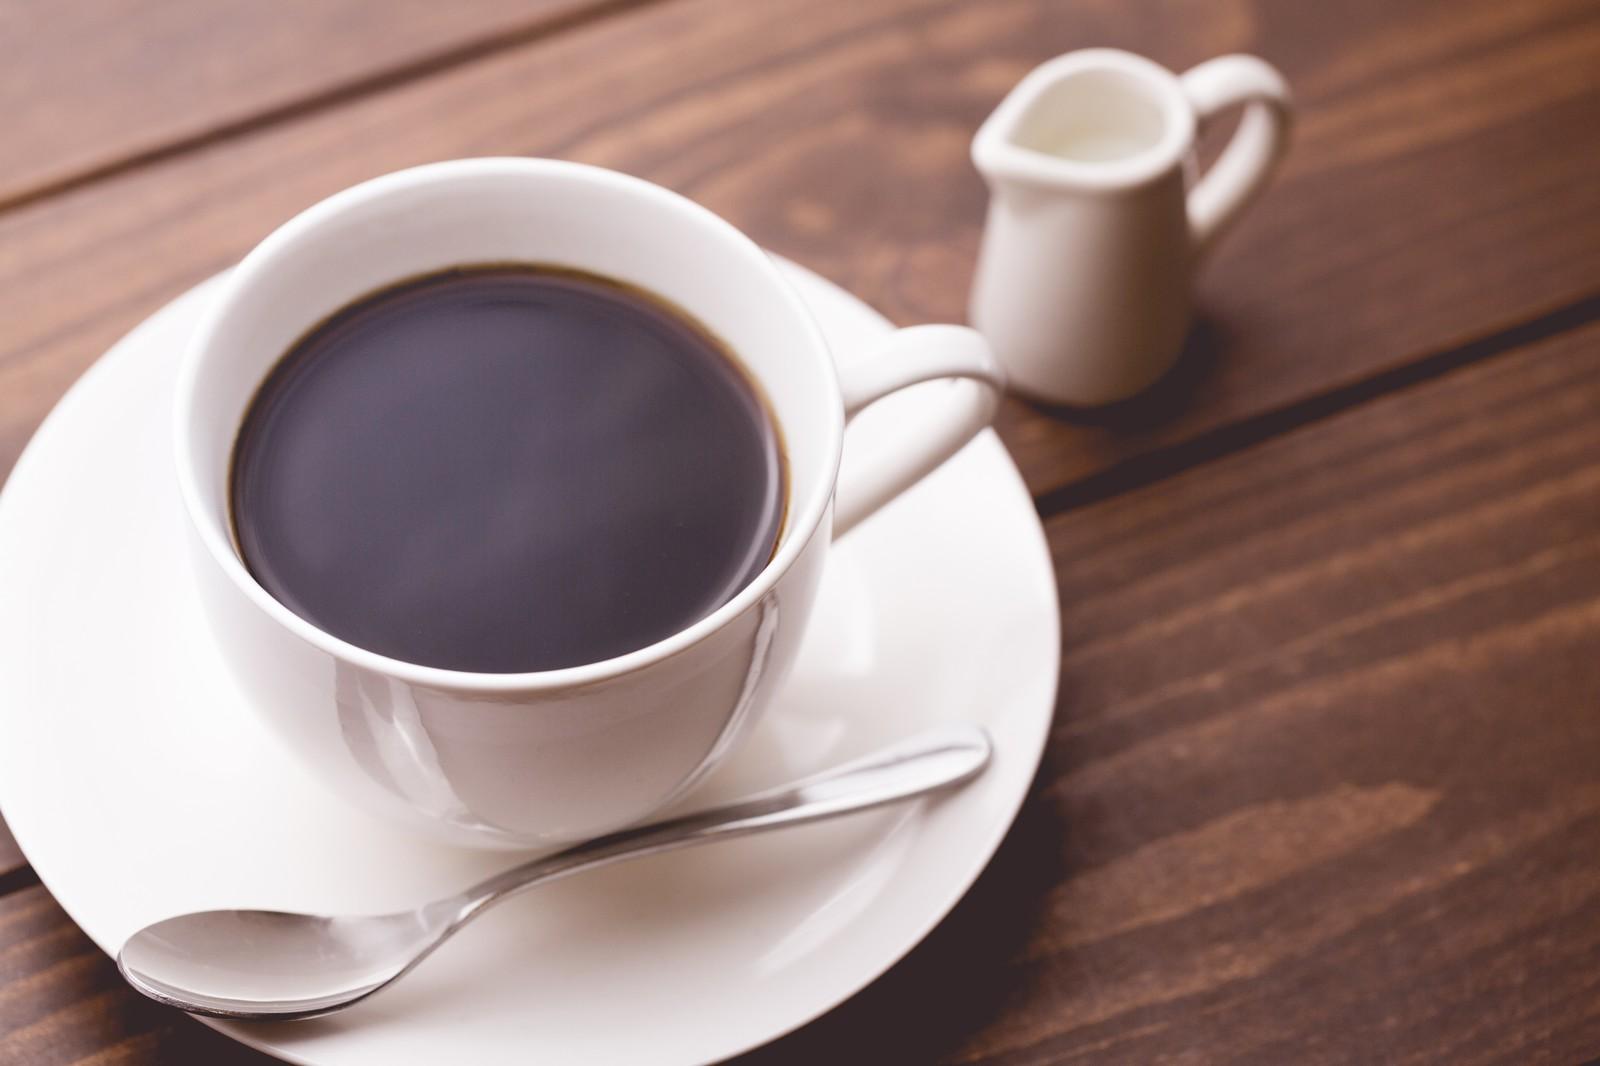 コーヒー 飲み 過ぎる と